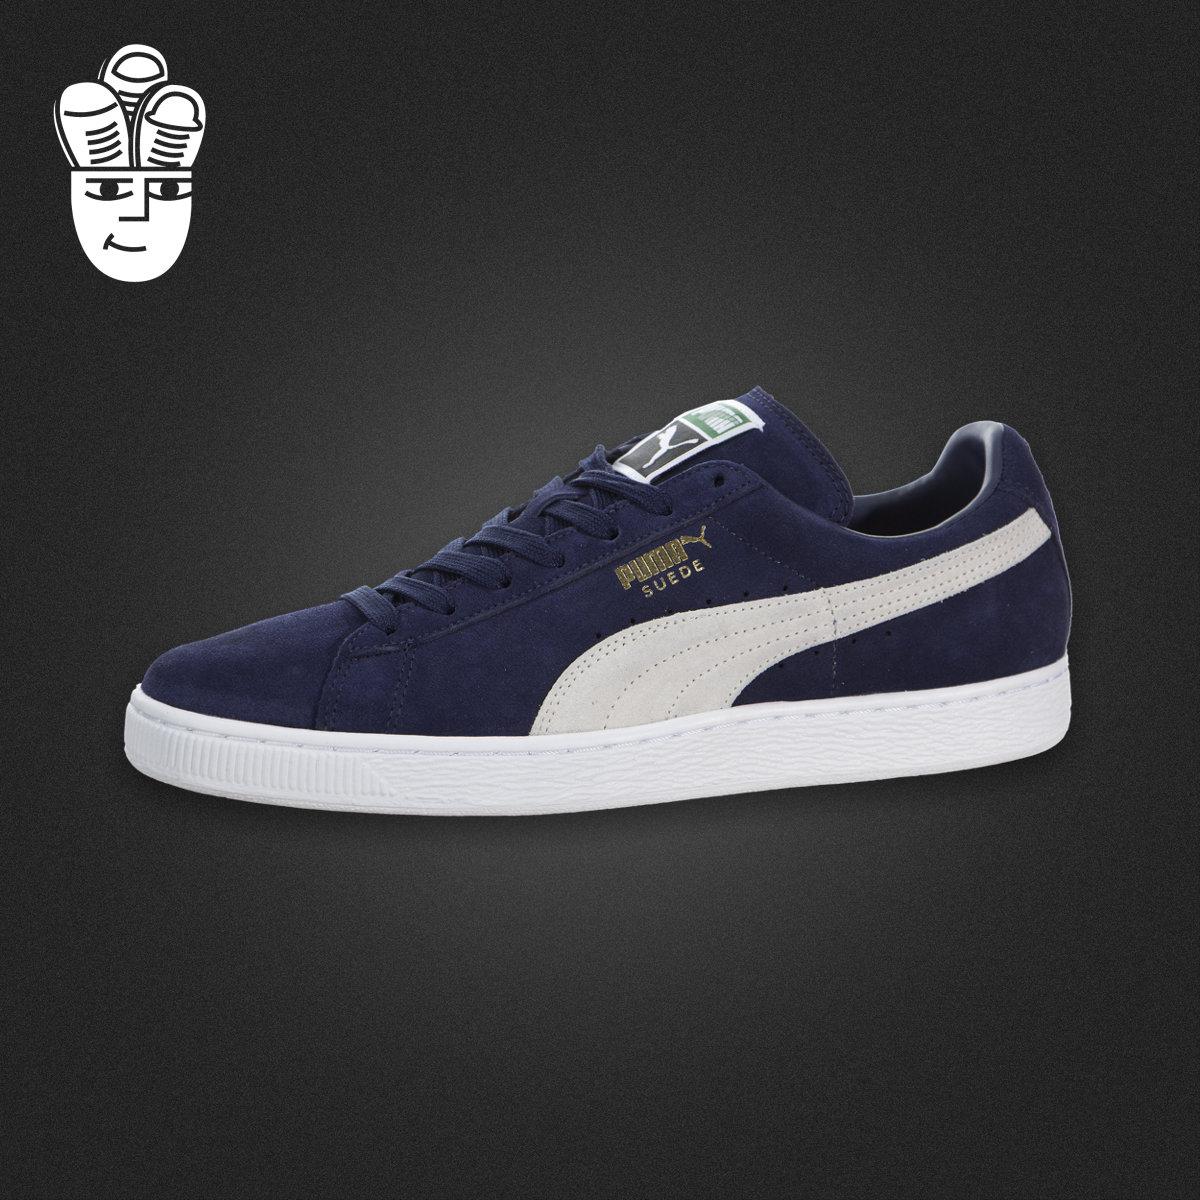 Puma Suede Classic Eco彪马男鞋 经典麂皮板鞋 翻毛皮休闲鞋